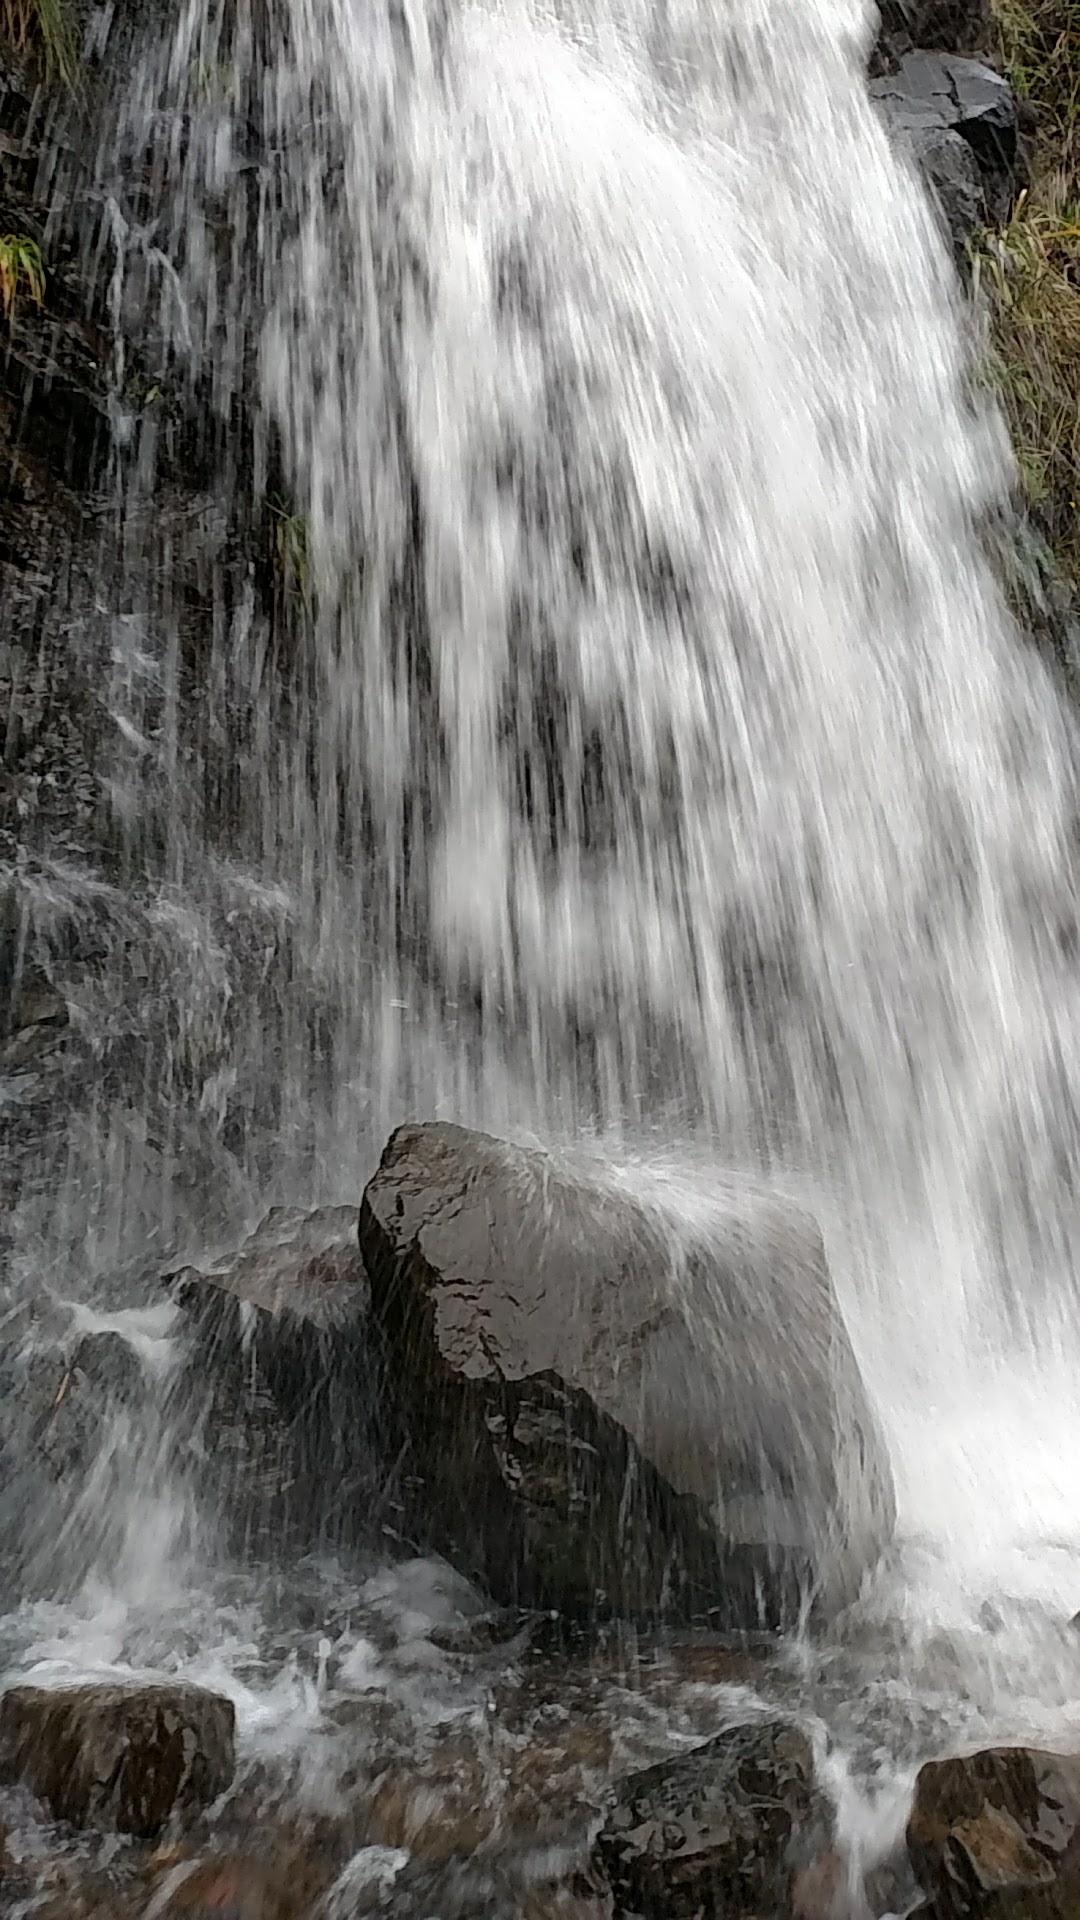 Waterfall at Ecola